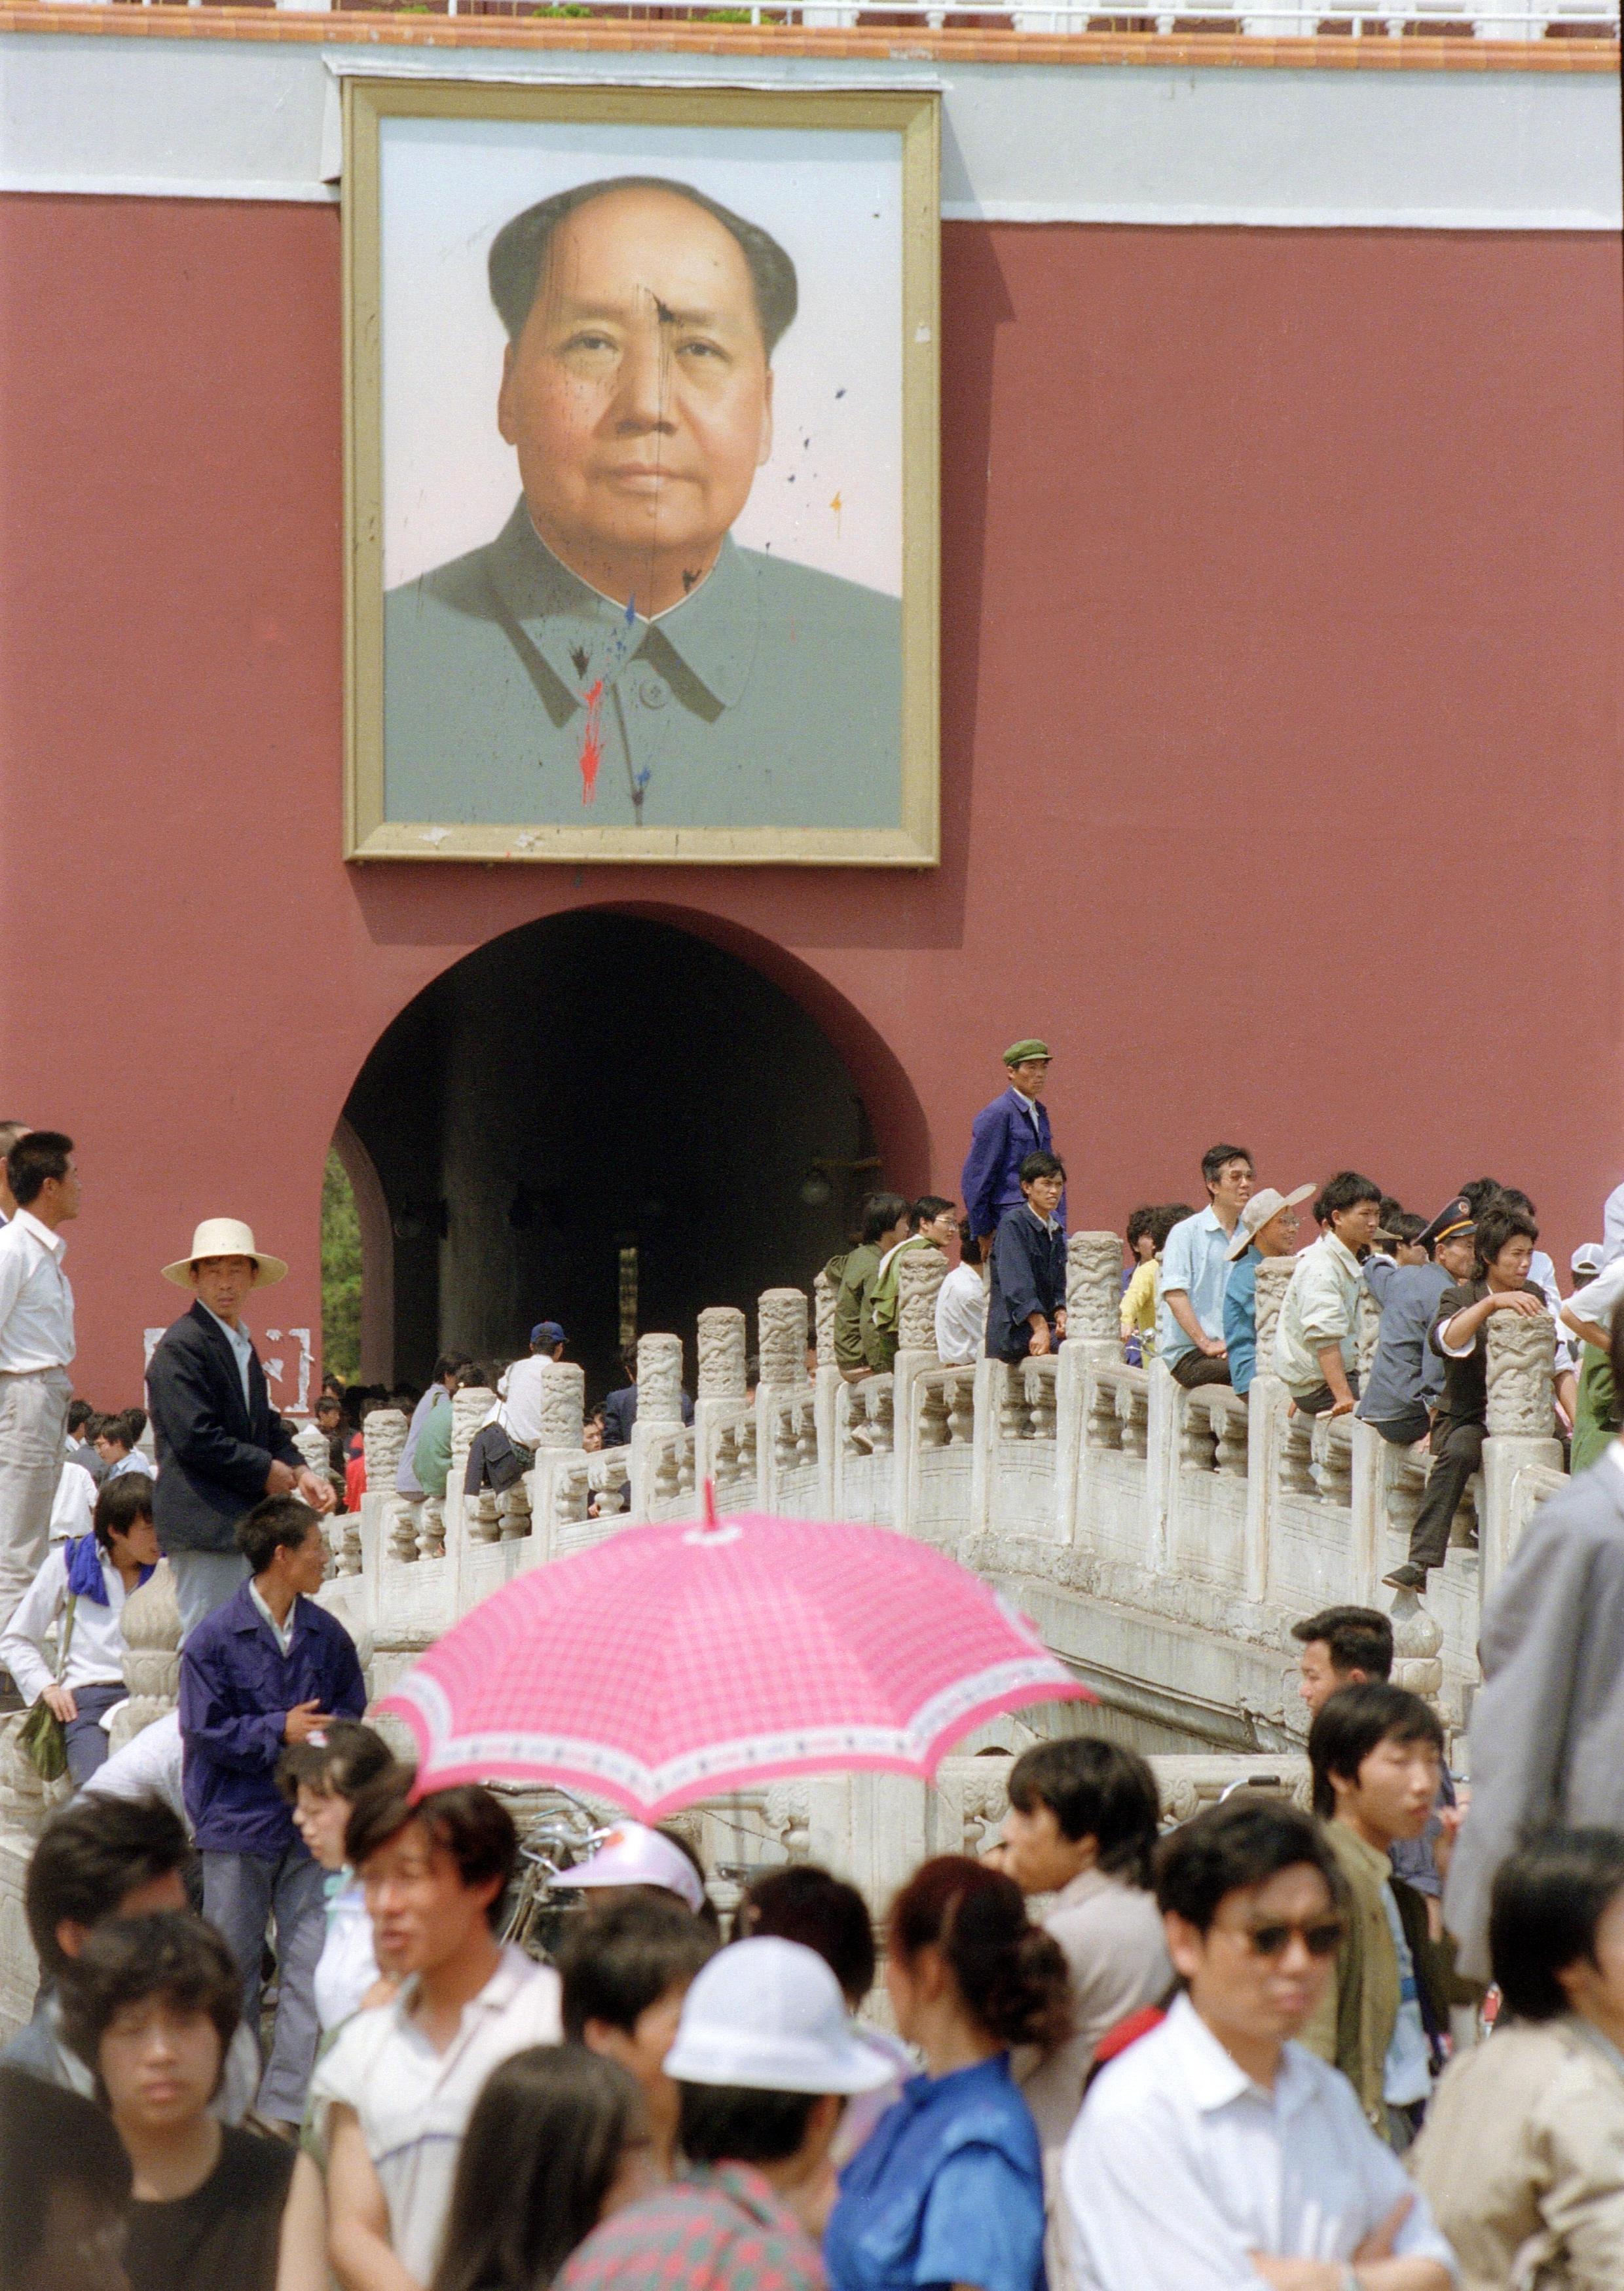 Le portrait de Mao Zedong à l'entrée de la Cité interdite défiguré par des traces d'encre, le 23 mai 1989.